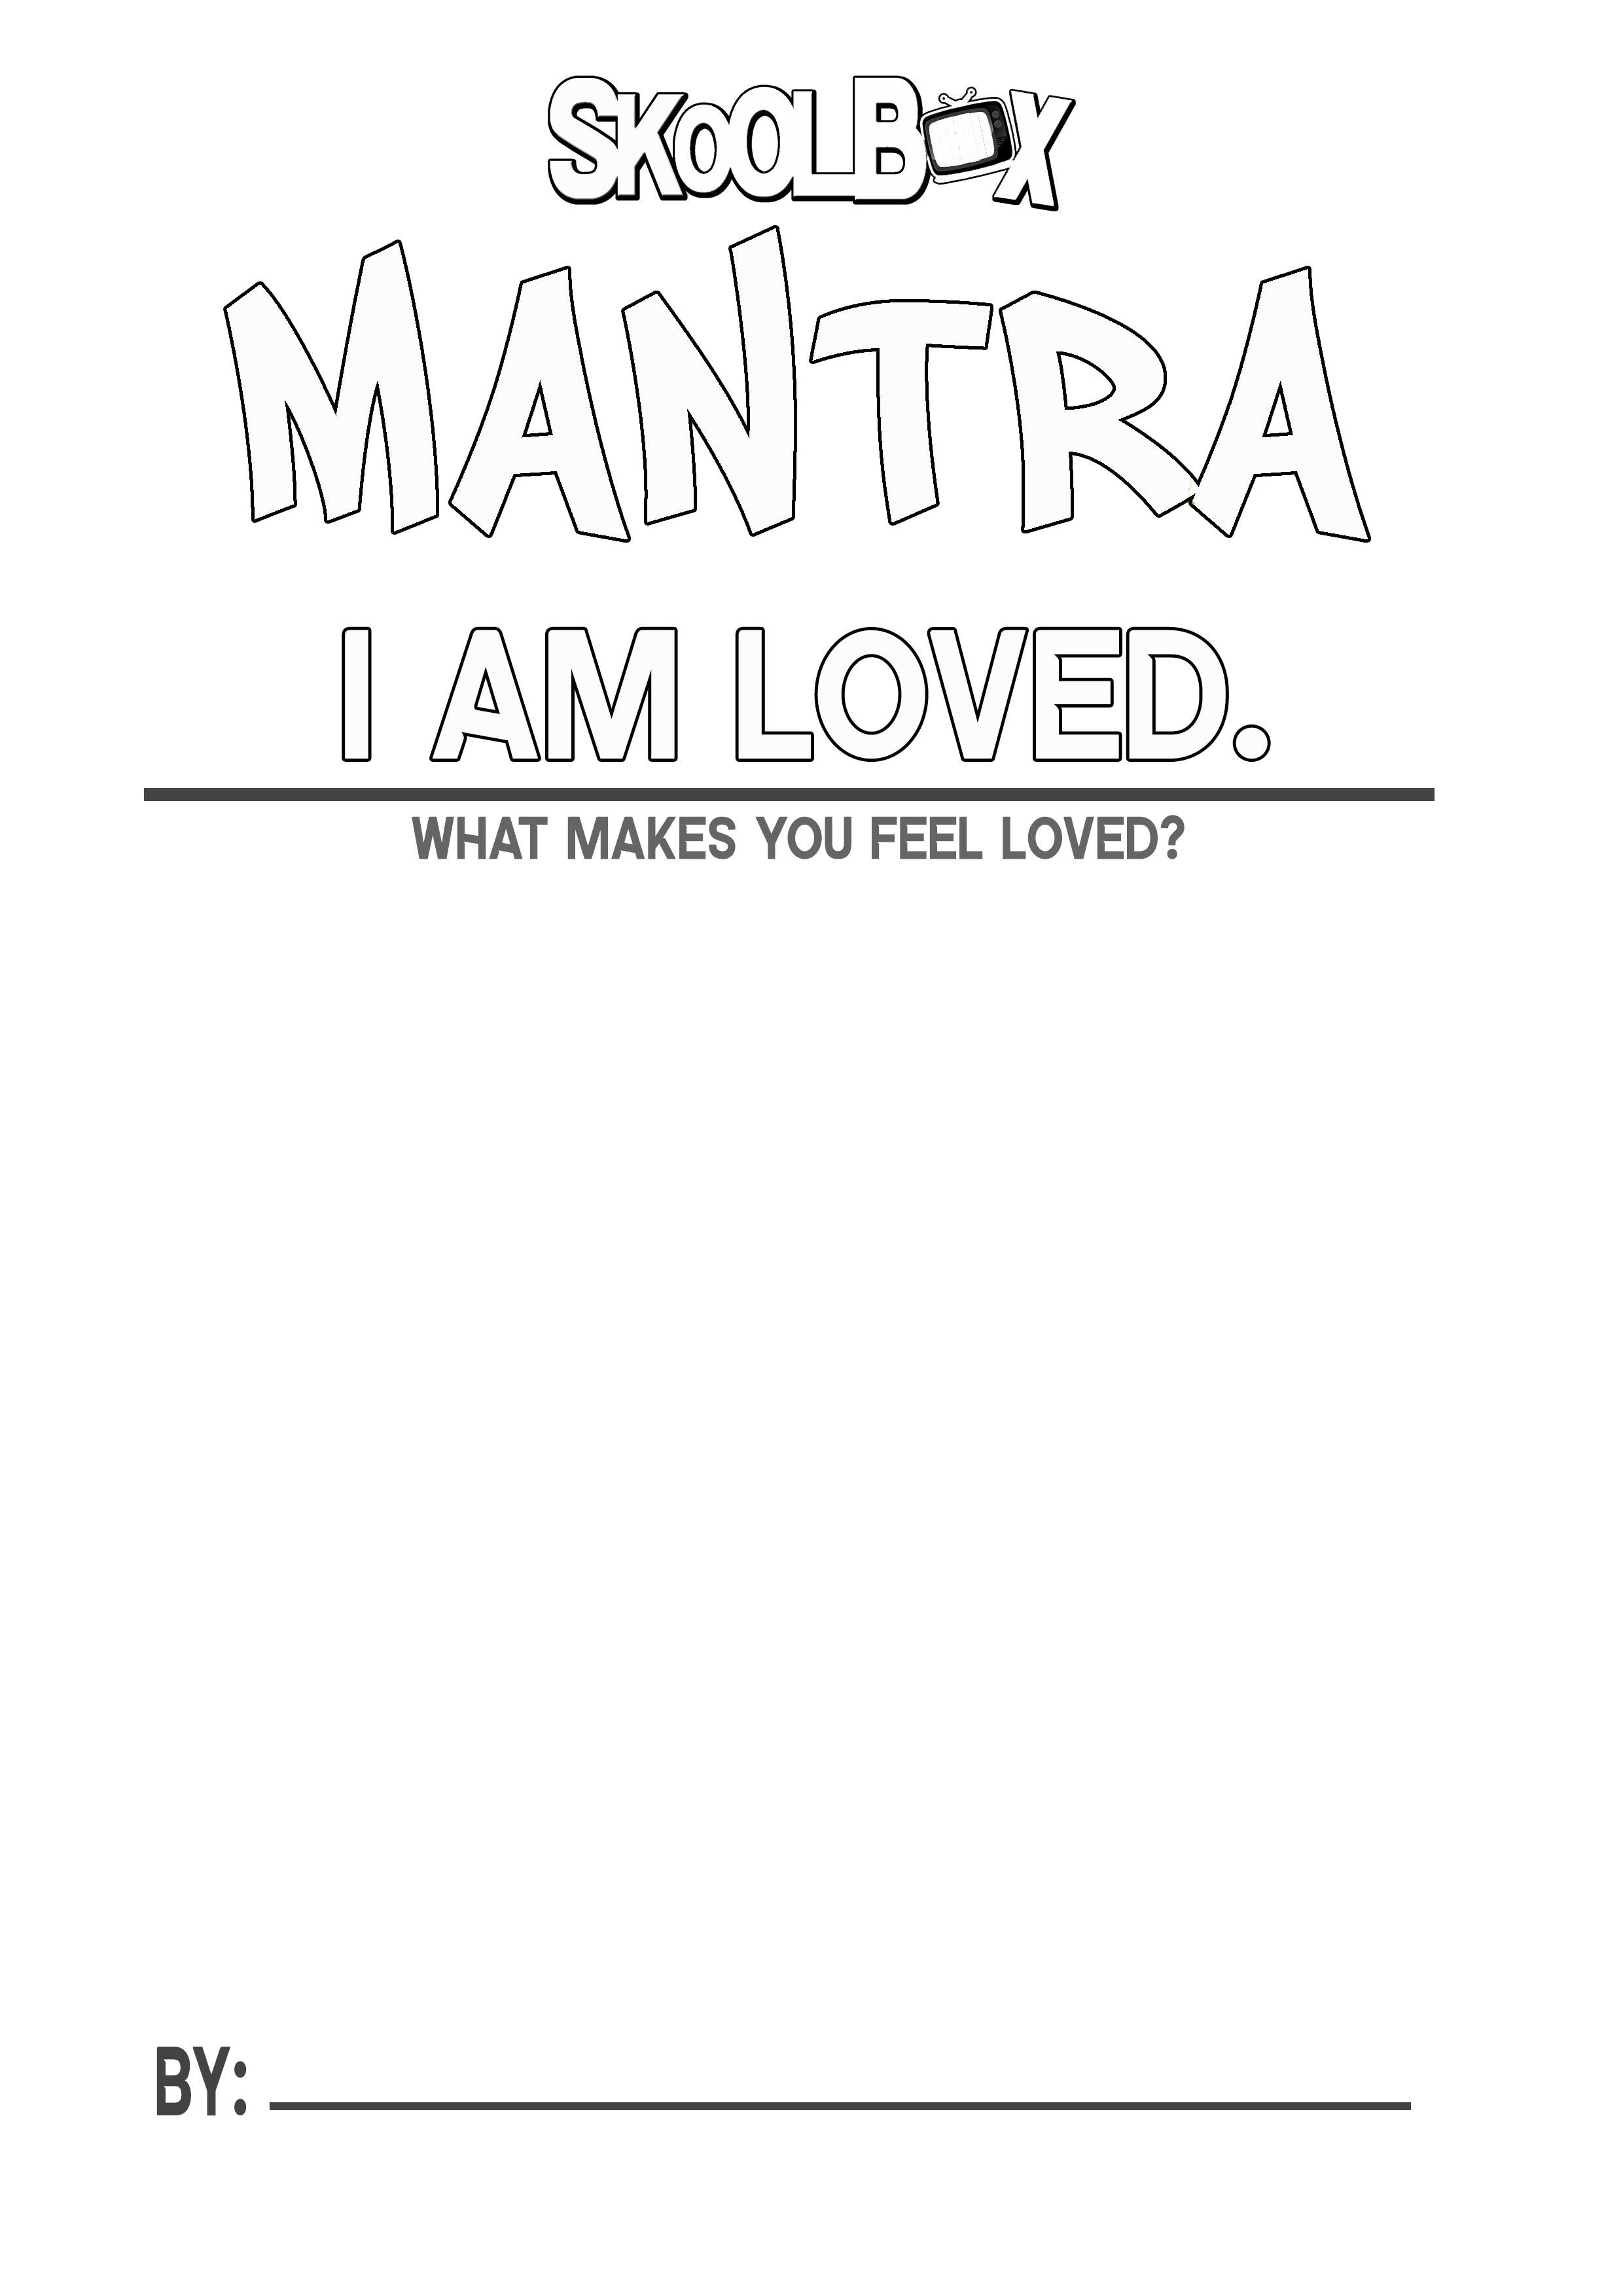 MANTRA 4 I AM LOVED